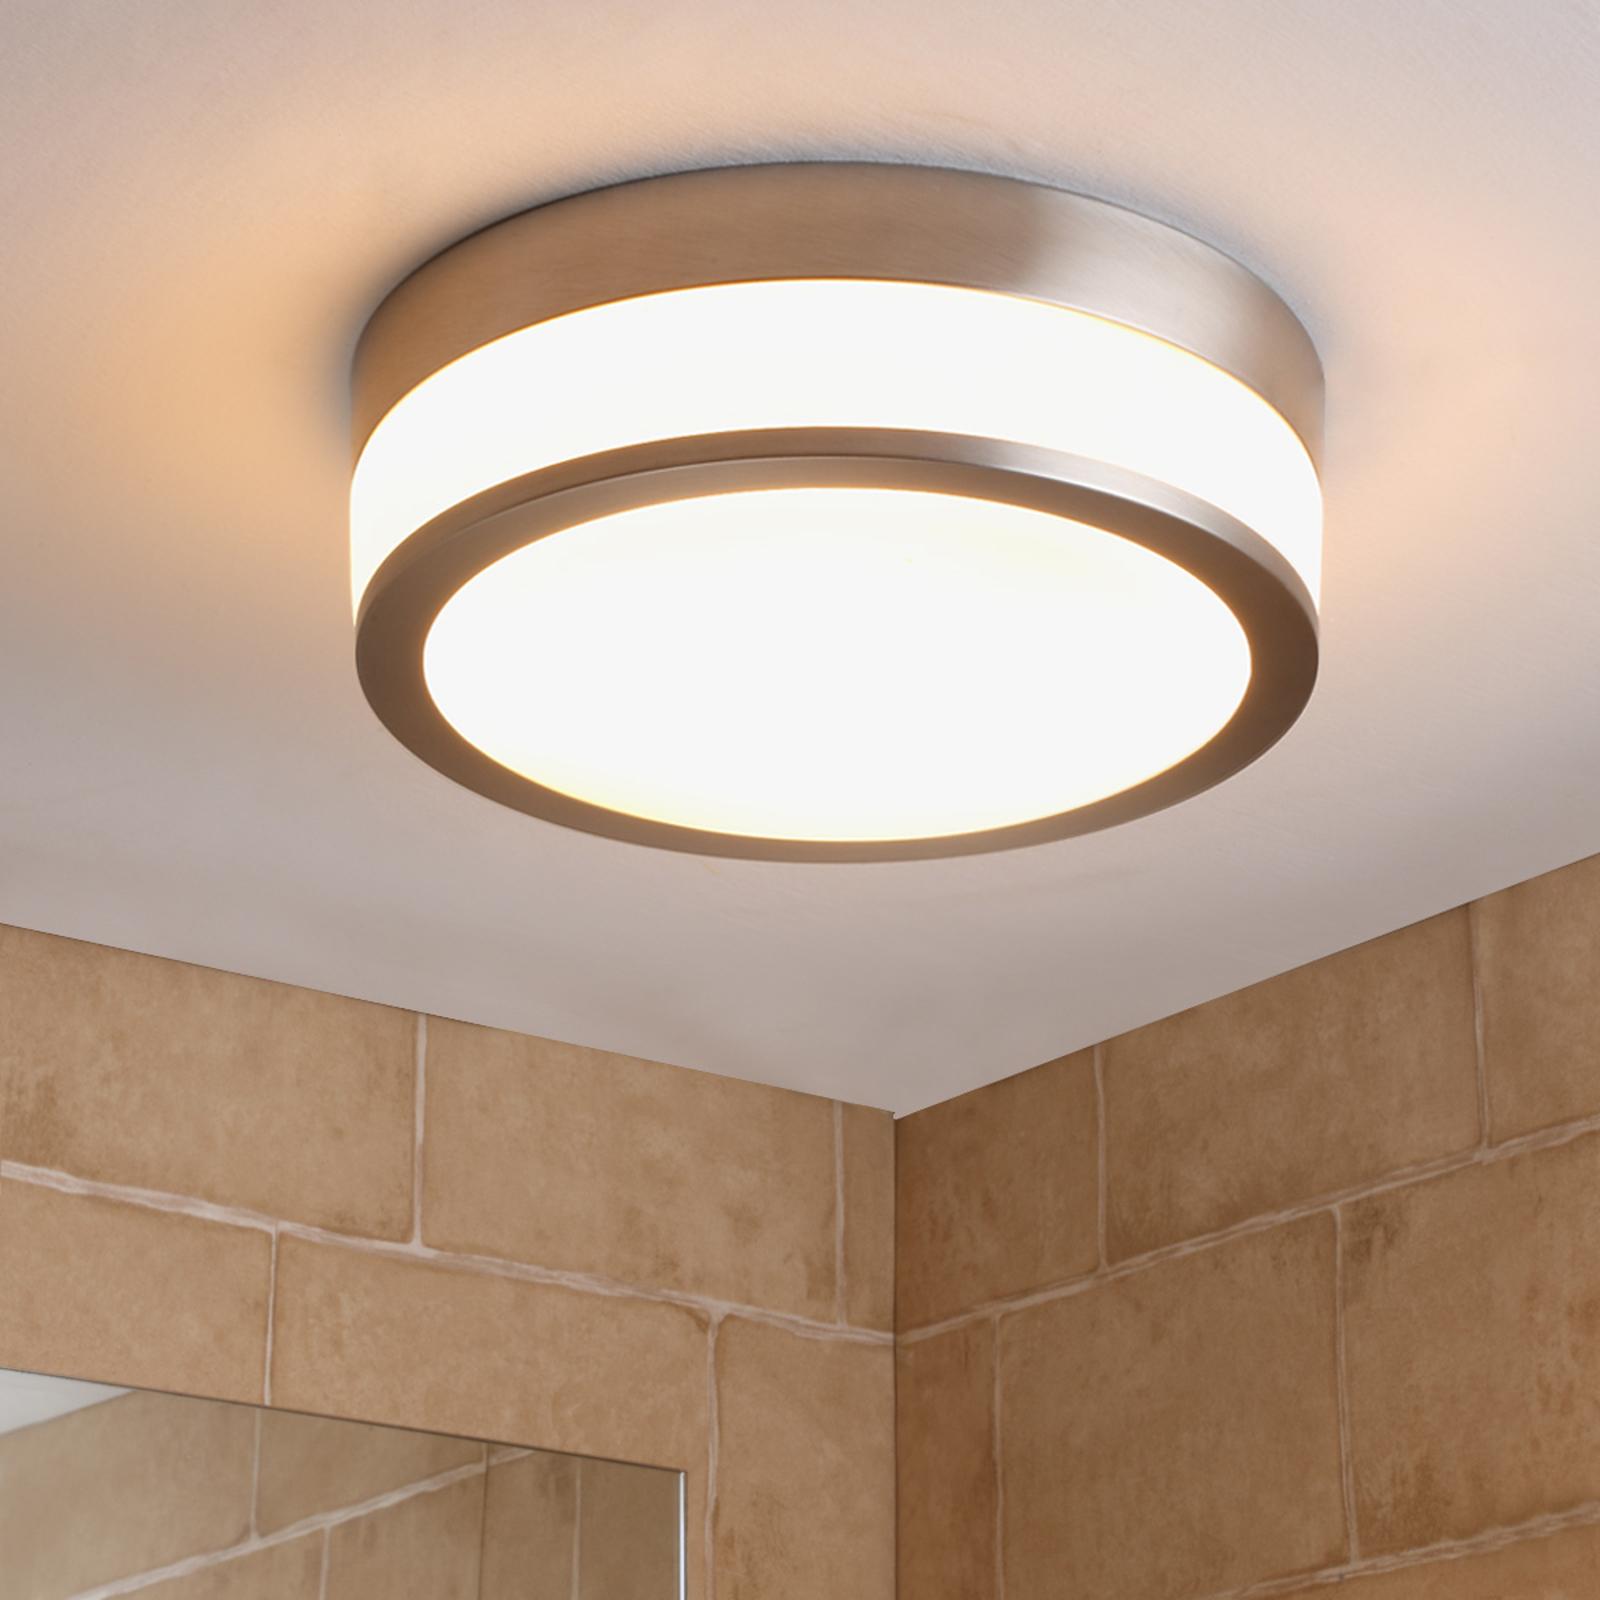 Koupelnová stropní LED lampa Flavi, matný nikl